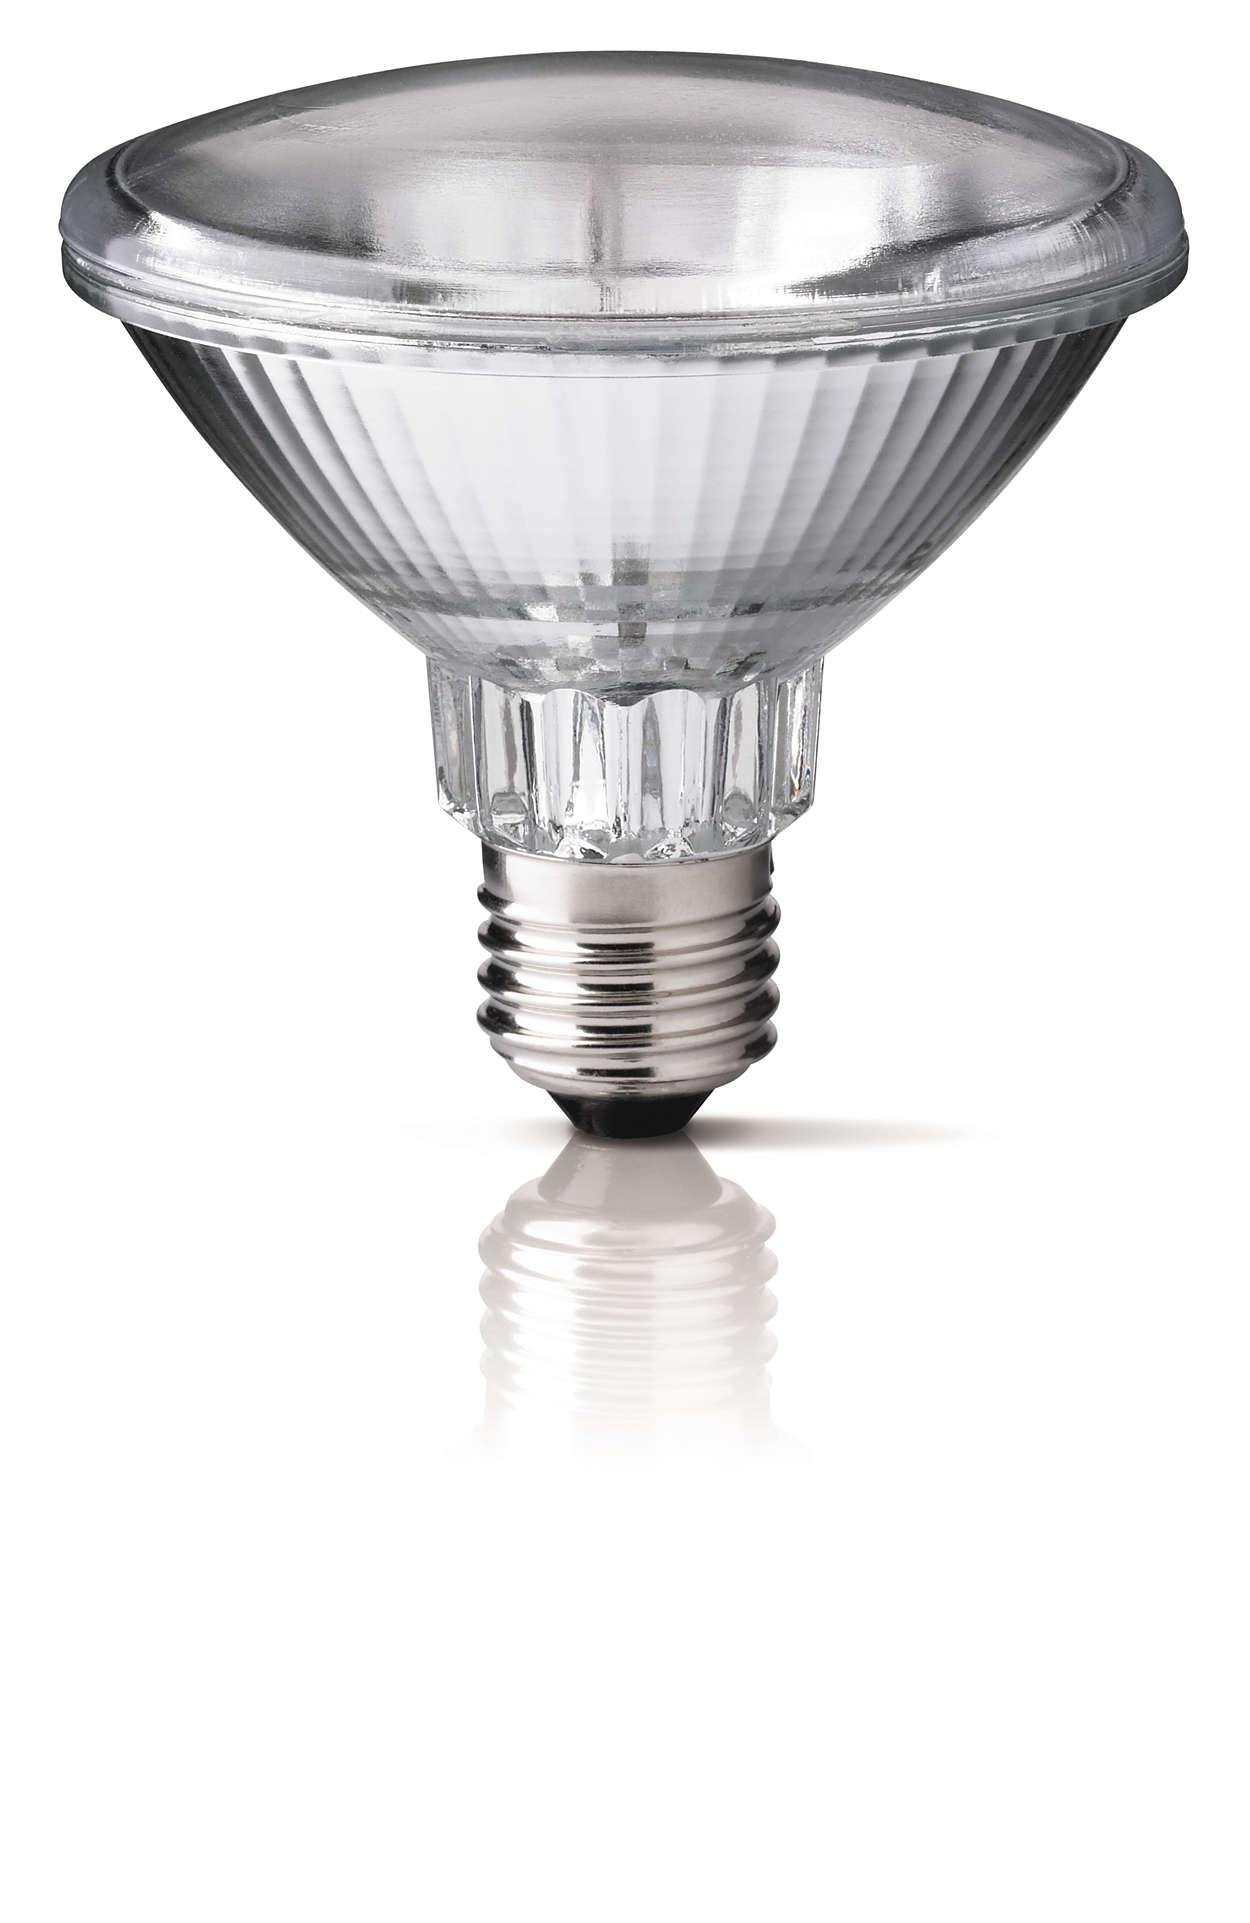 HalogenA PAR30S 燈泡